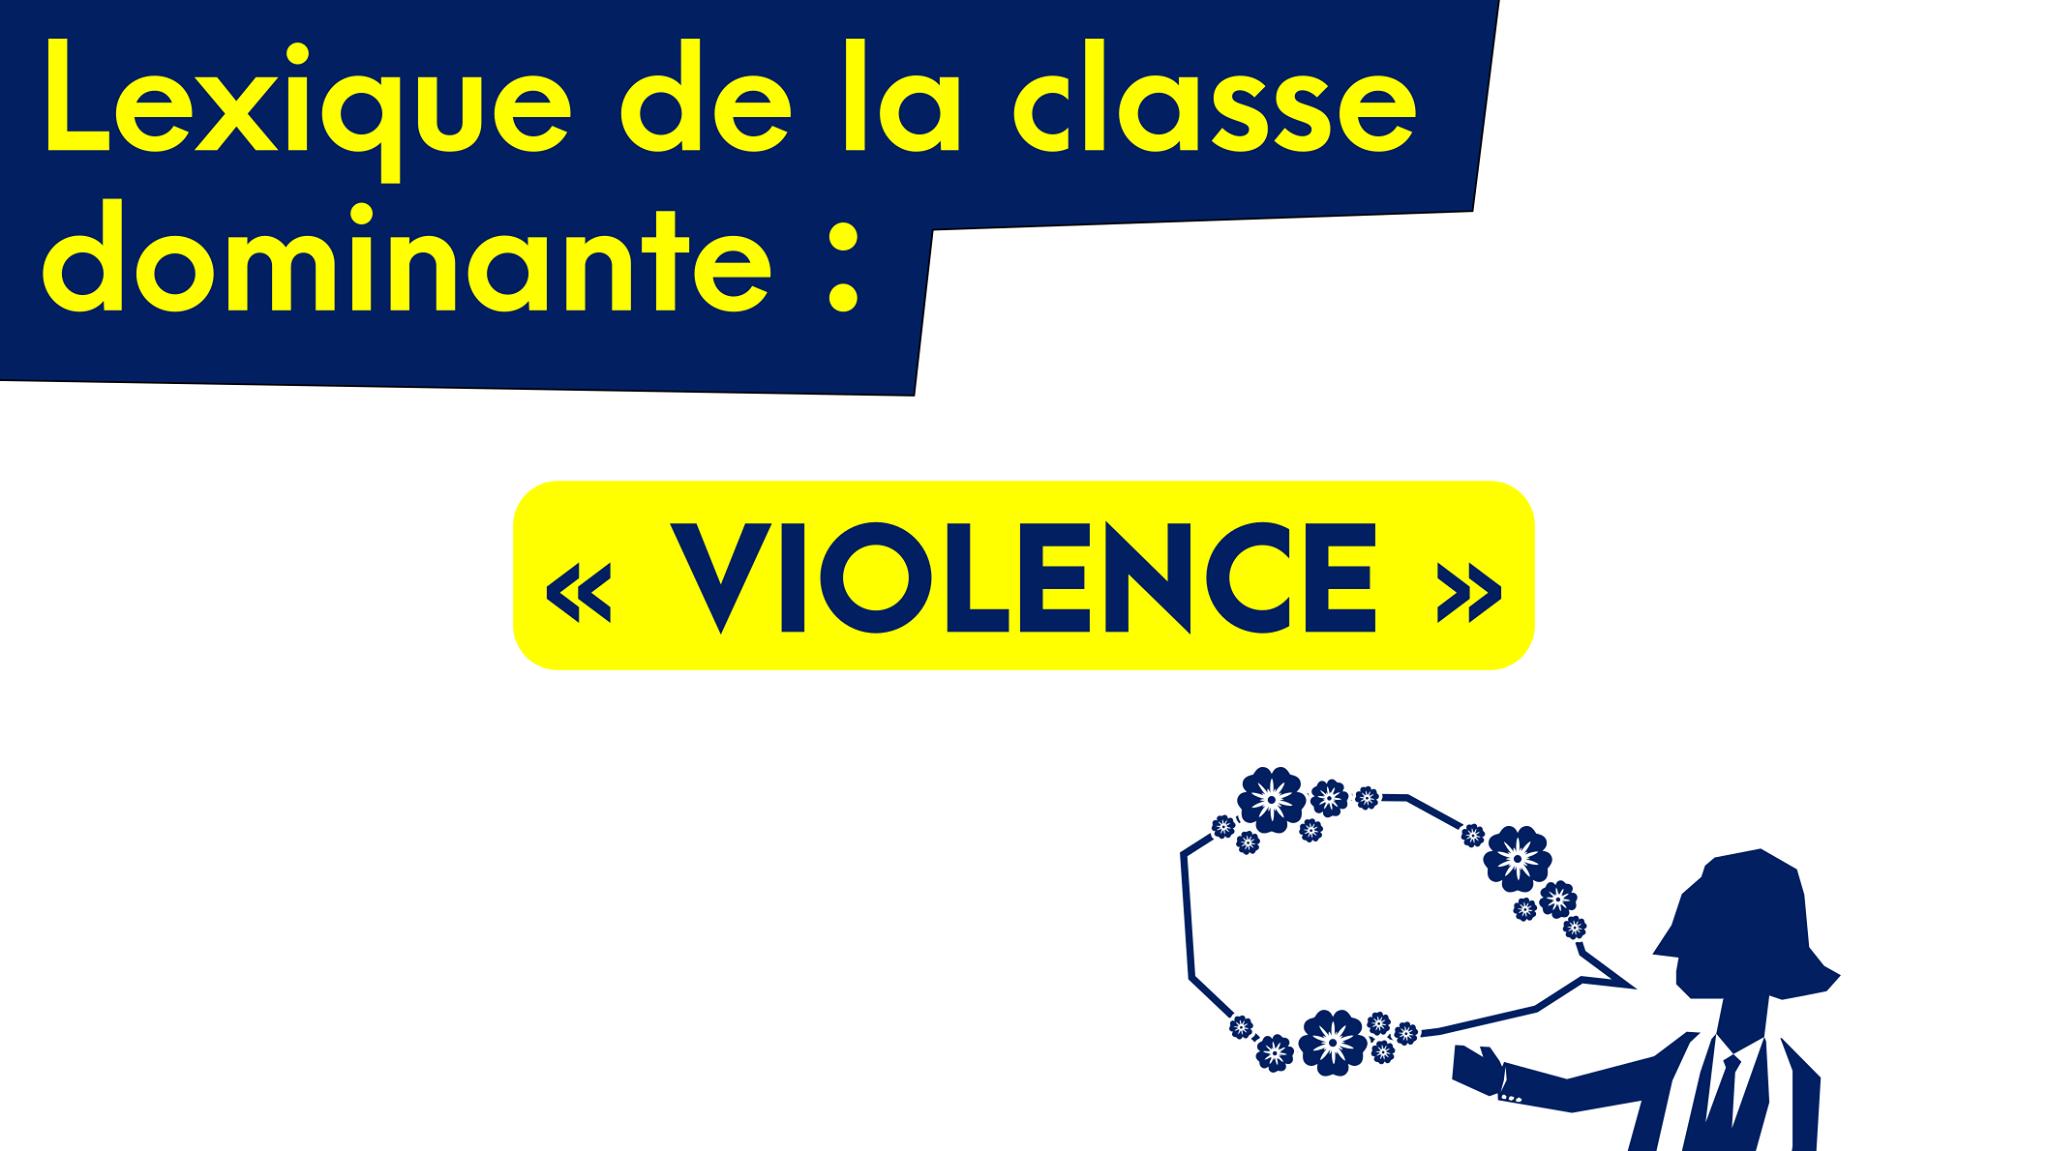 """""""Violence"""" : le mot par lequel la bourgeoisie reproche à ses opposants ce qu'elle produit chaque jour en toute impunité"""